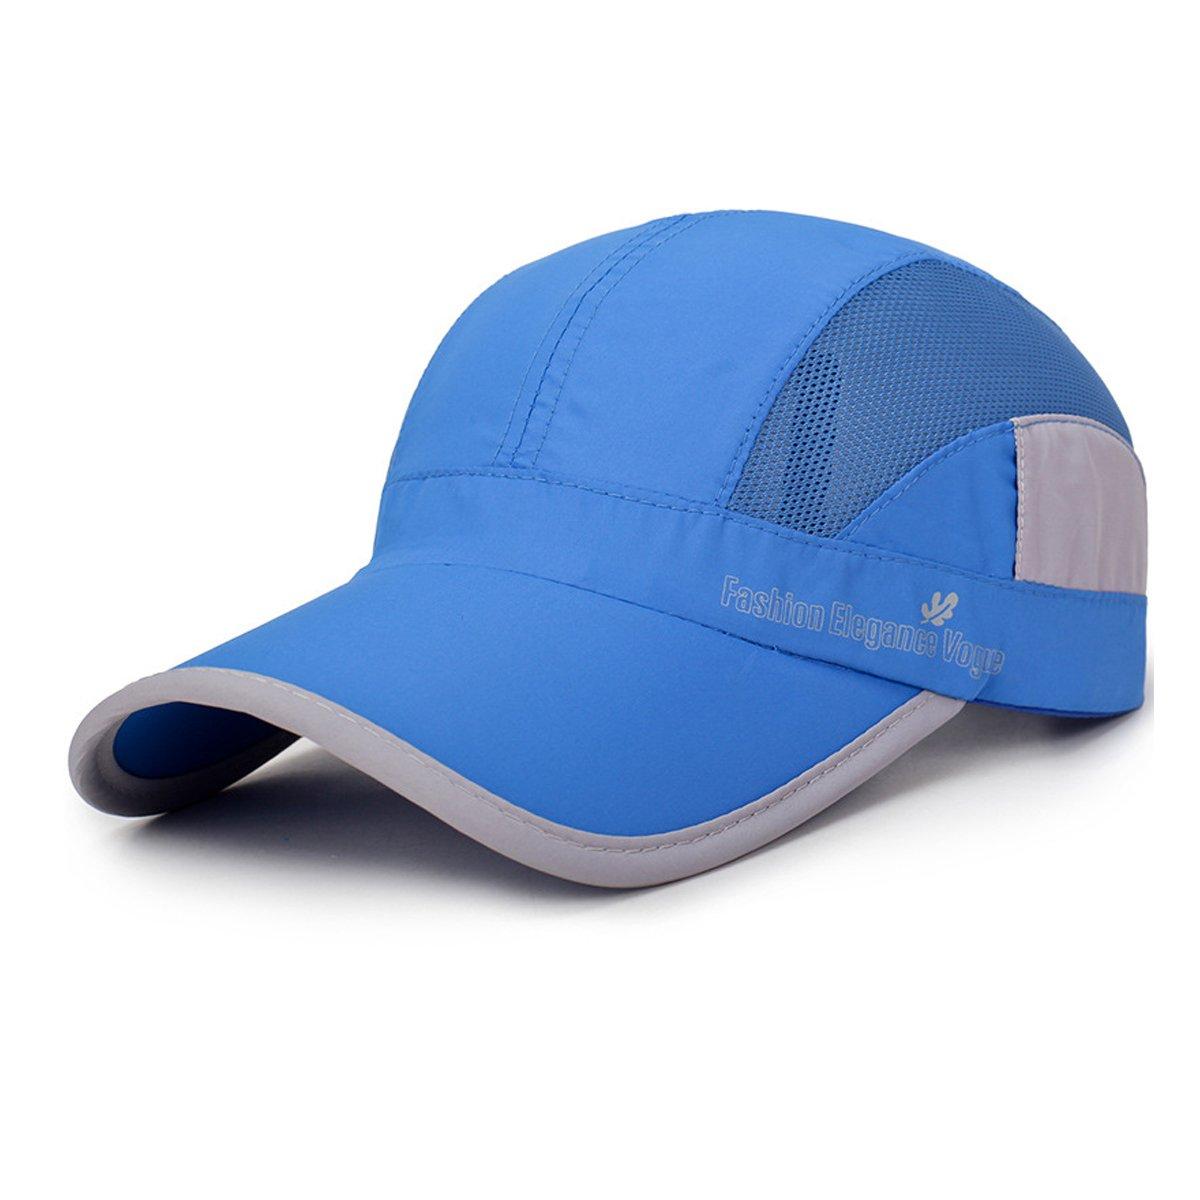 Amazon.com   Gisdanchz Mesh Quick Dry Hat 4c0b7d1b96